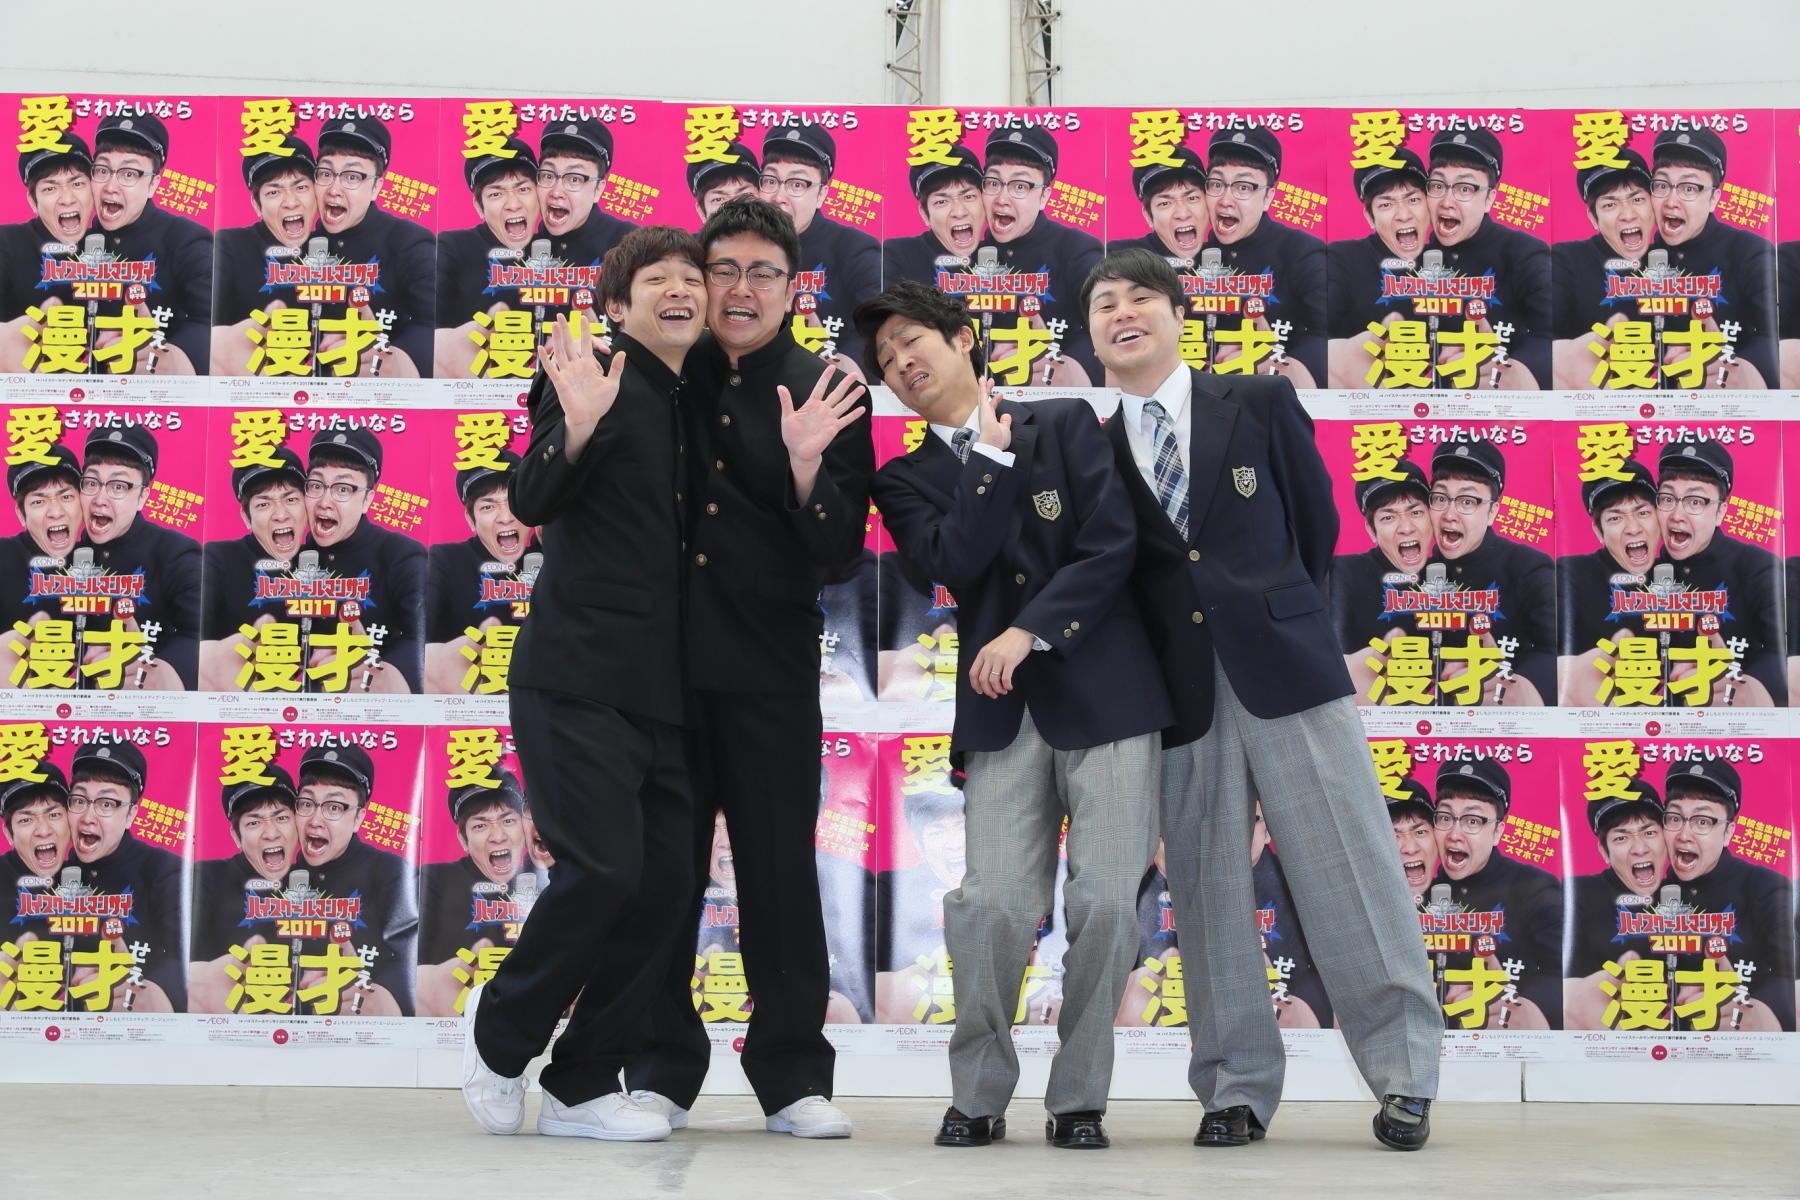 http://news.yoshimoto.co.jp/20170413154113-7ab0e2489c6857261f77fc5d2a76d66cef9859fd.jpg